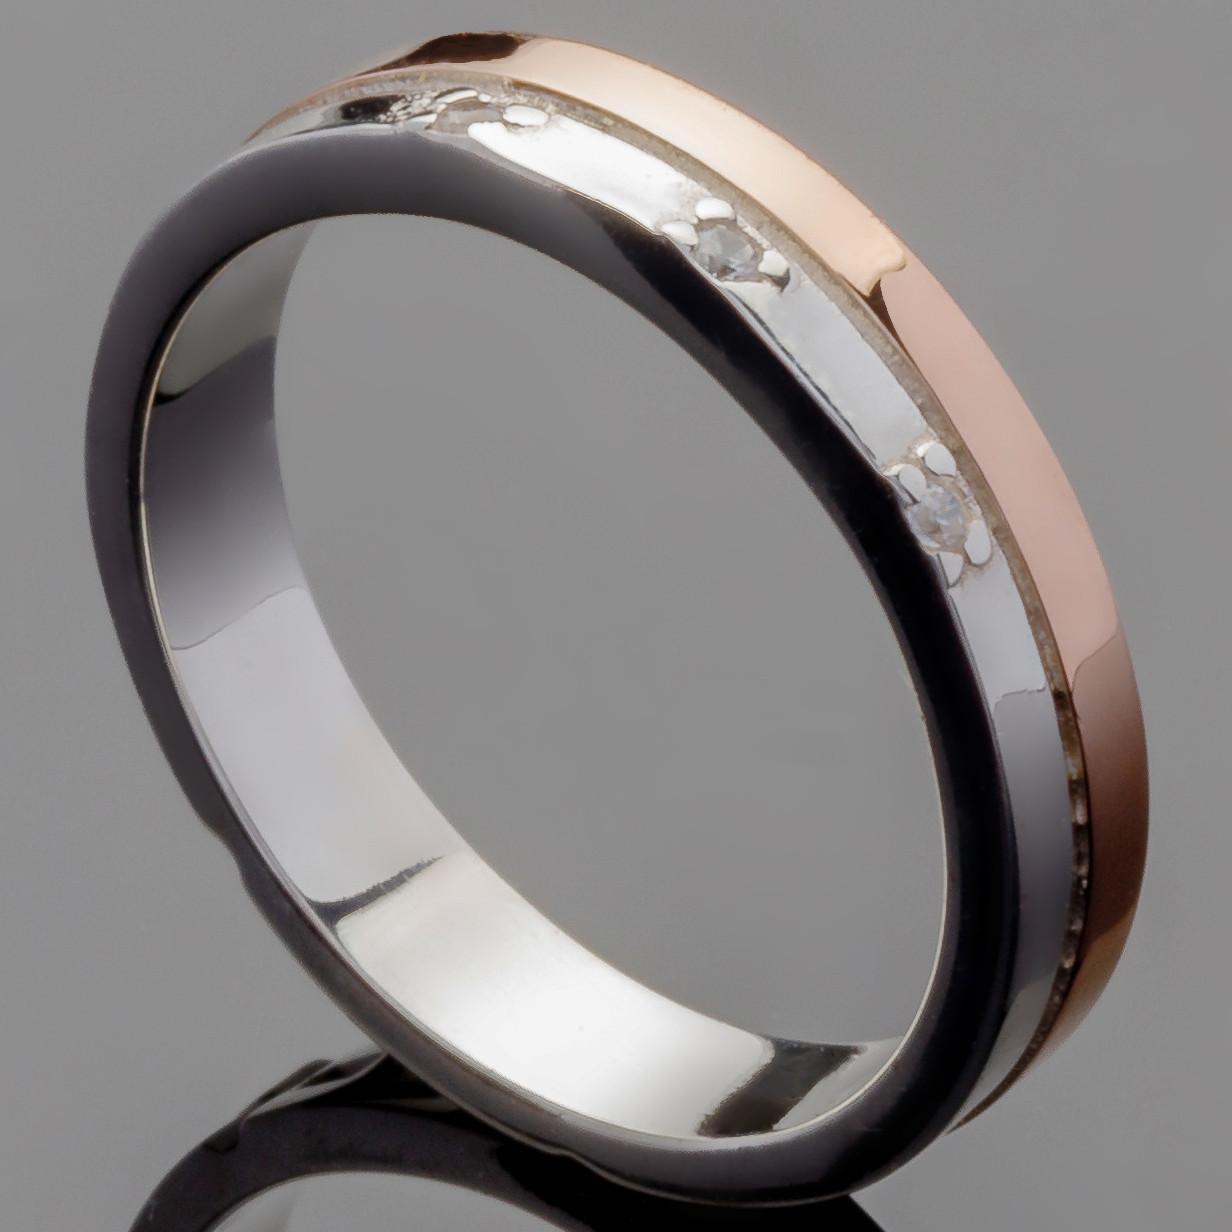 Обручальное кольцо из серебра 925 пробы арт. 3